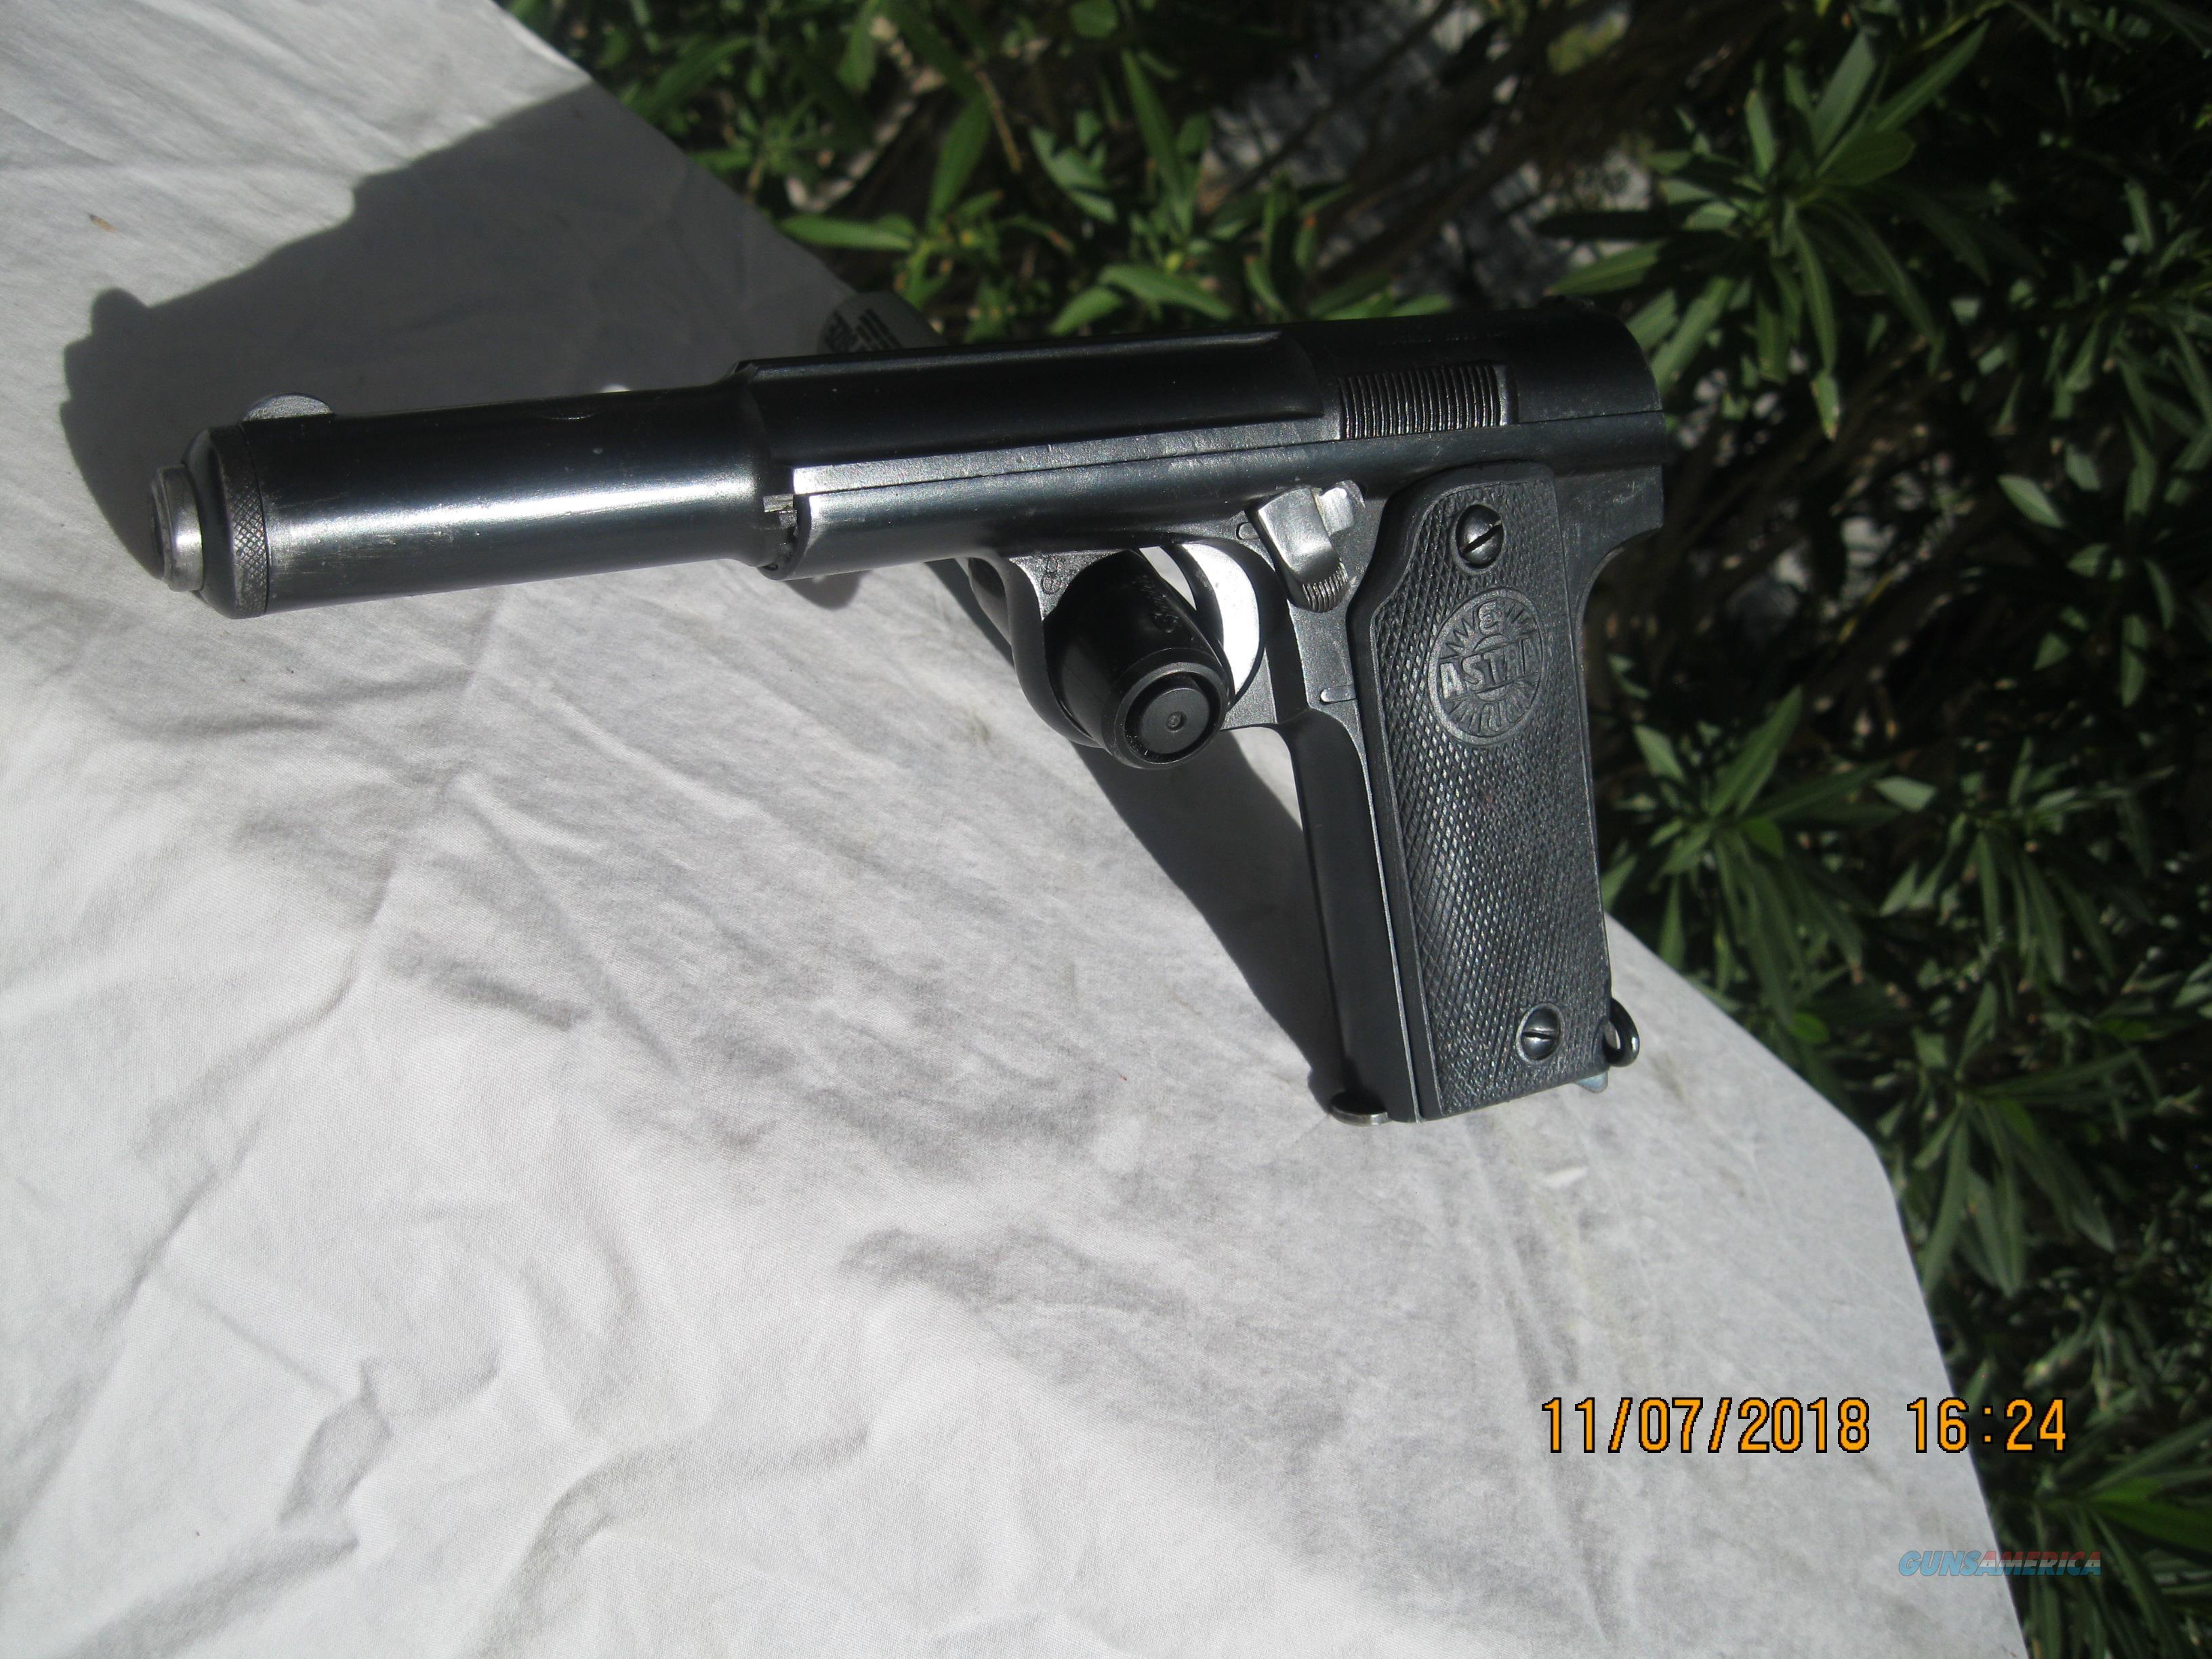 ASTRA MODEL 400 IN 9MM LARGO  Guns > Pistols > Astra Pistols